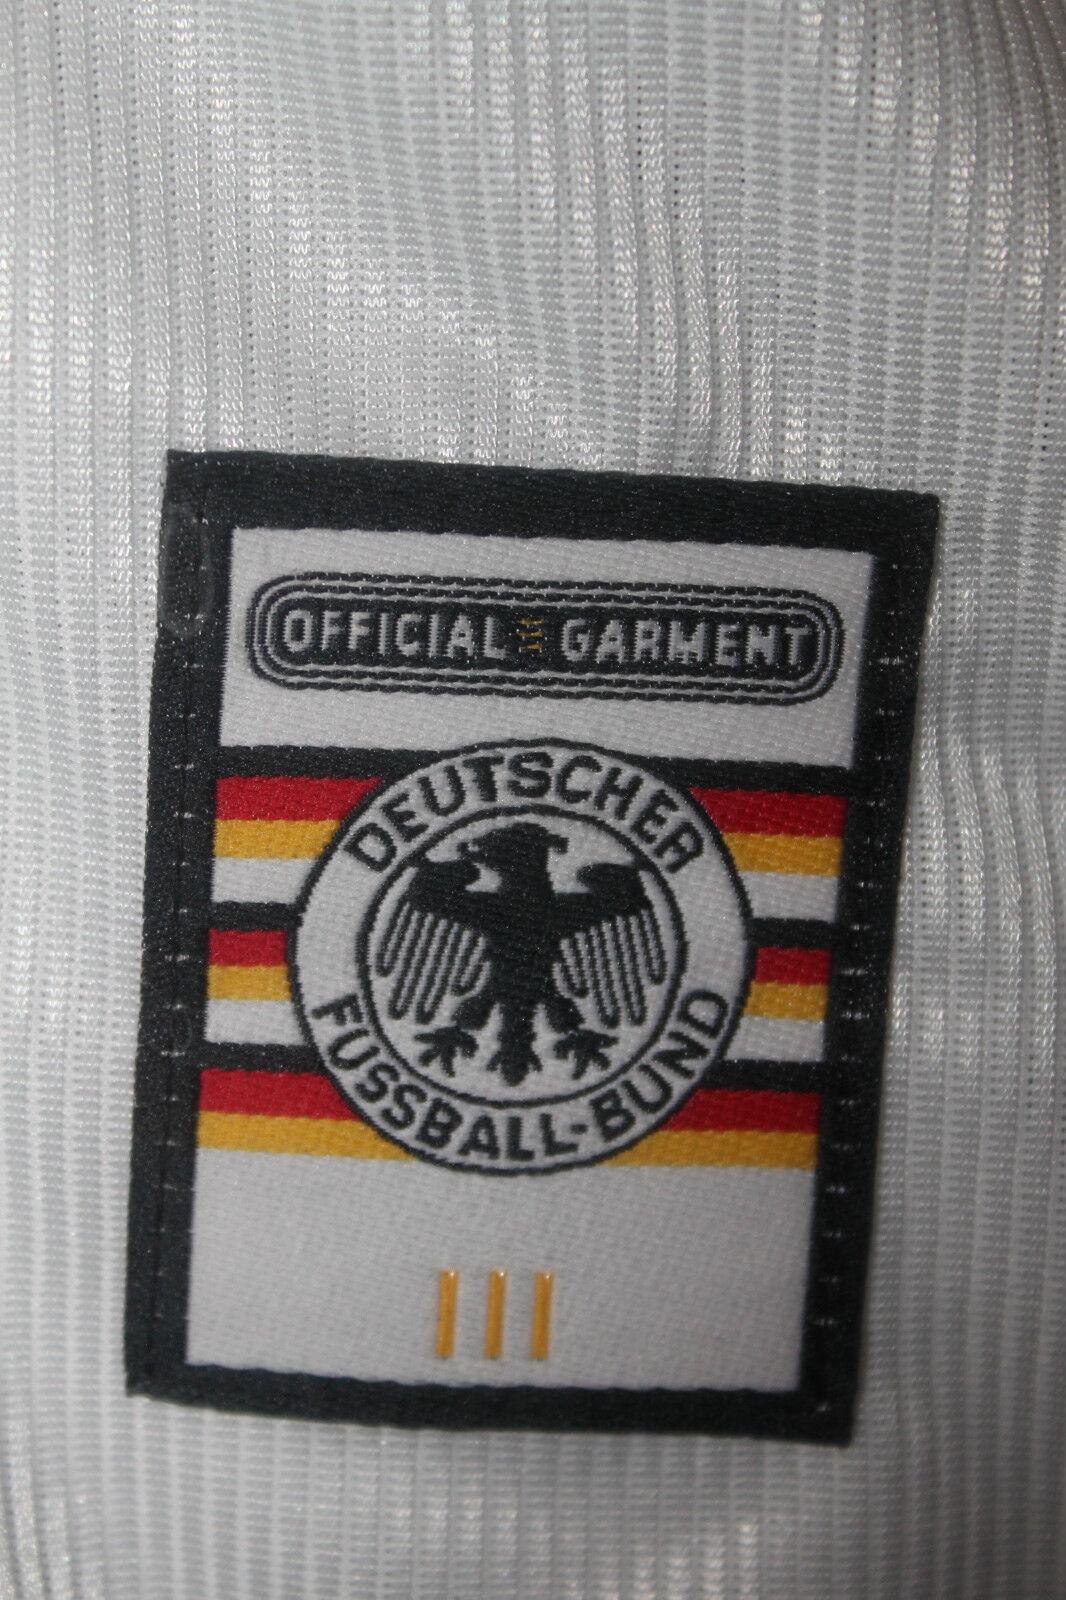 Sponsorentrikot WM 2006 2006 2006 für Verbände National und International mit Rahmen 598f36